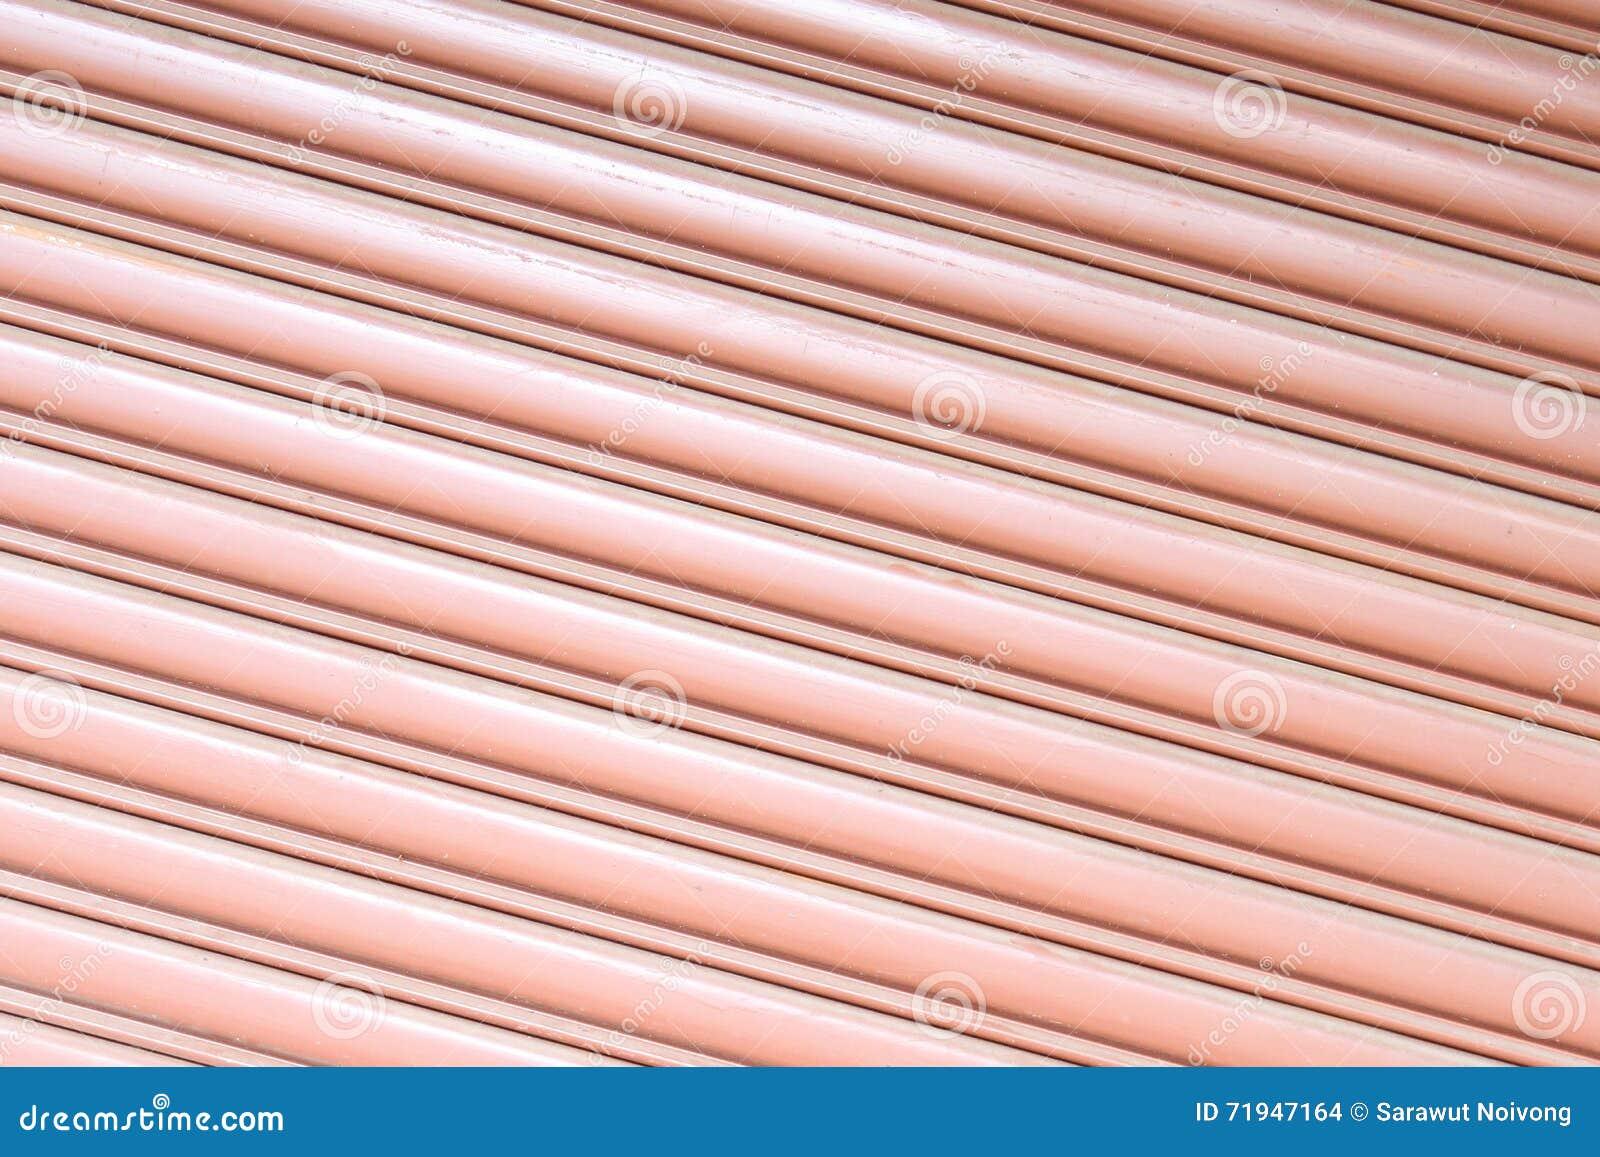 Текстурируйте рифлёный металлический лист, дверь скольжения, стальную дверь